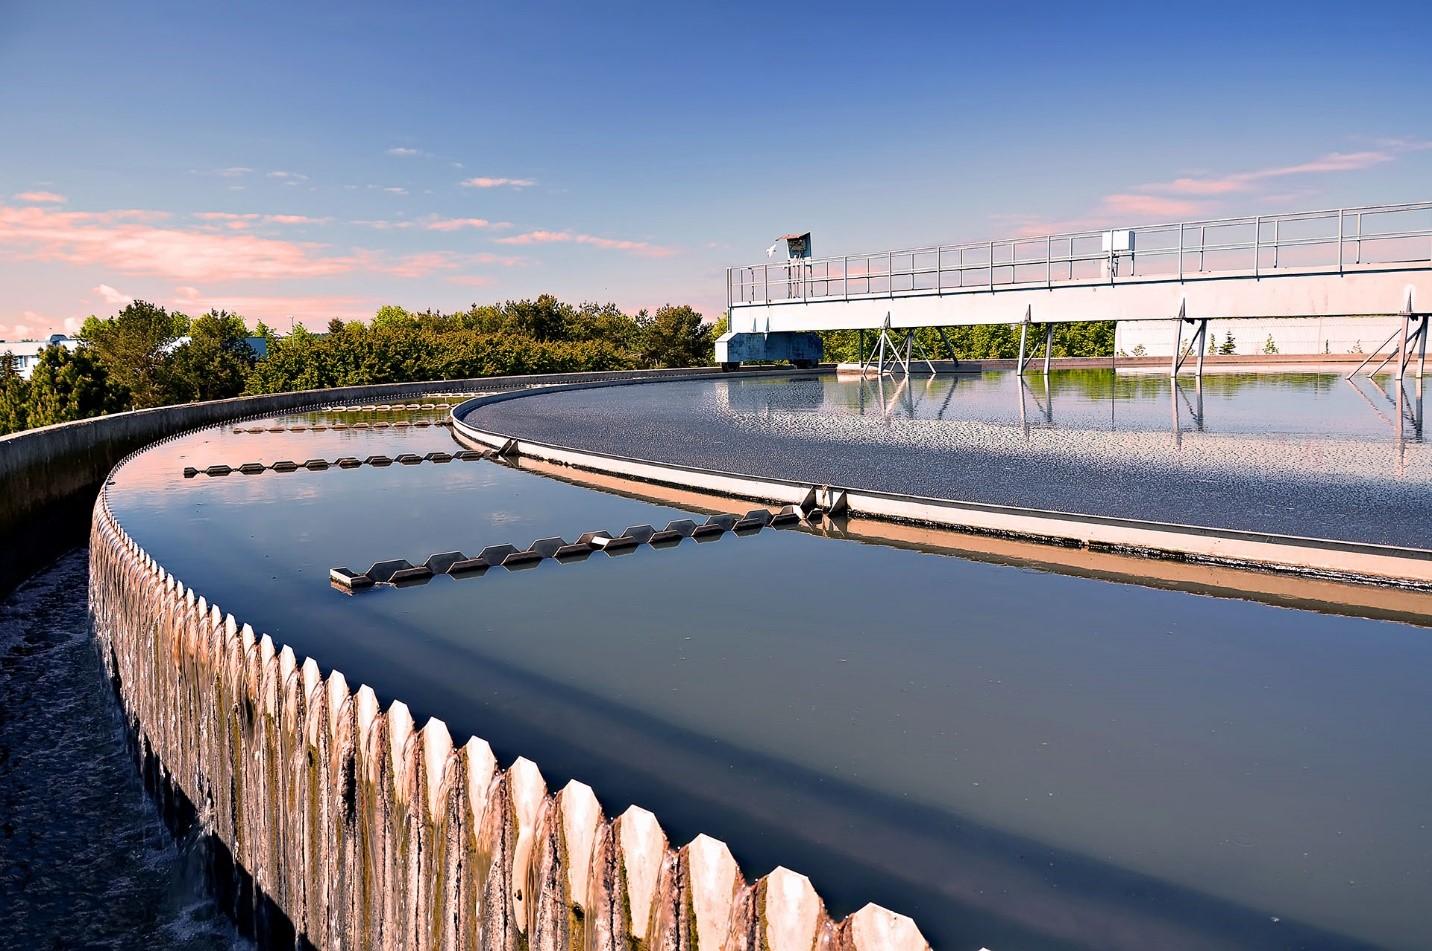 ظرفیت آبشیرینکنهای آبادان و خرمشهر افزایش مییابد